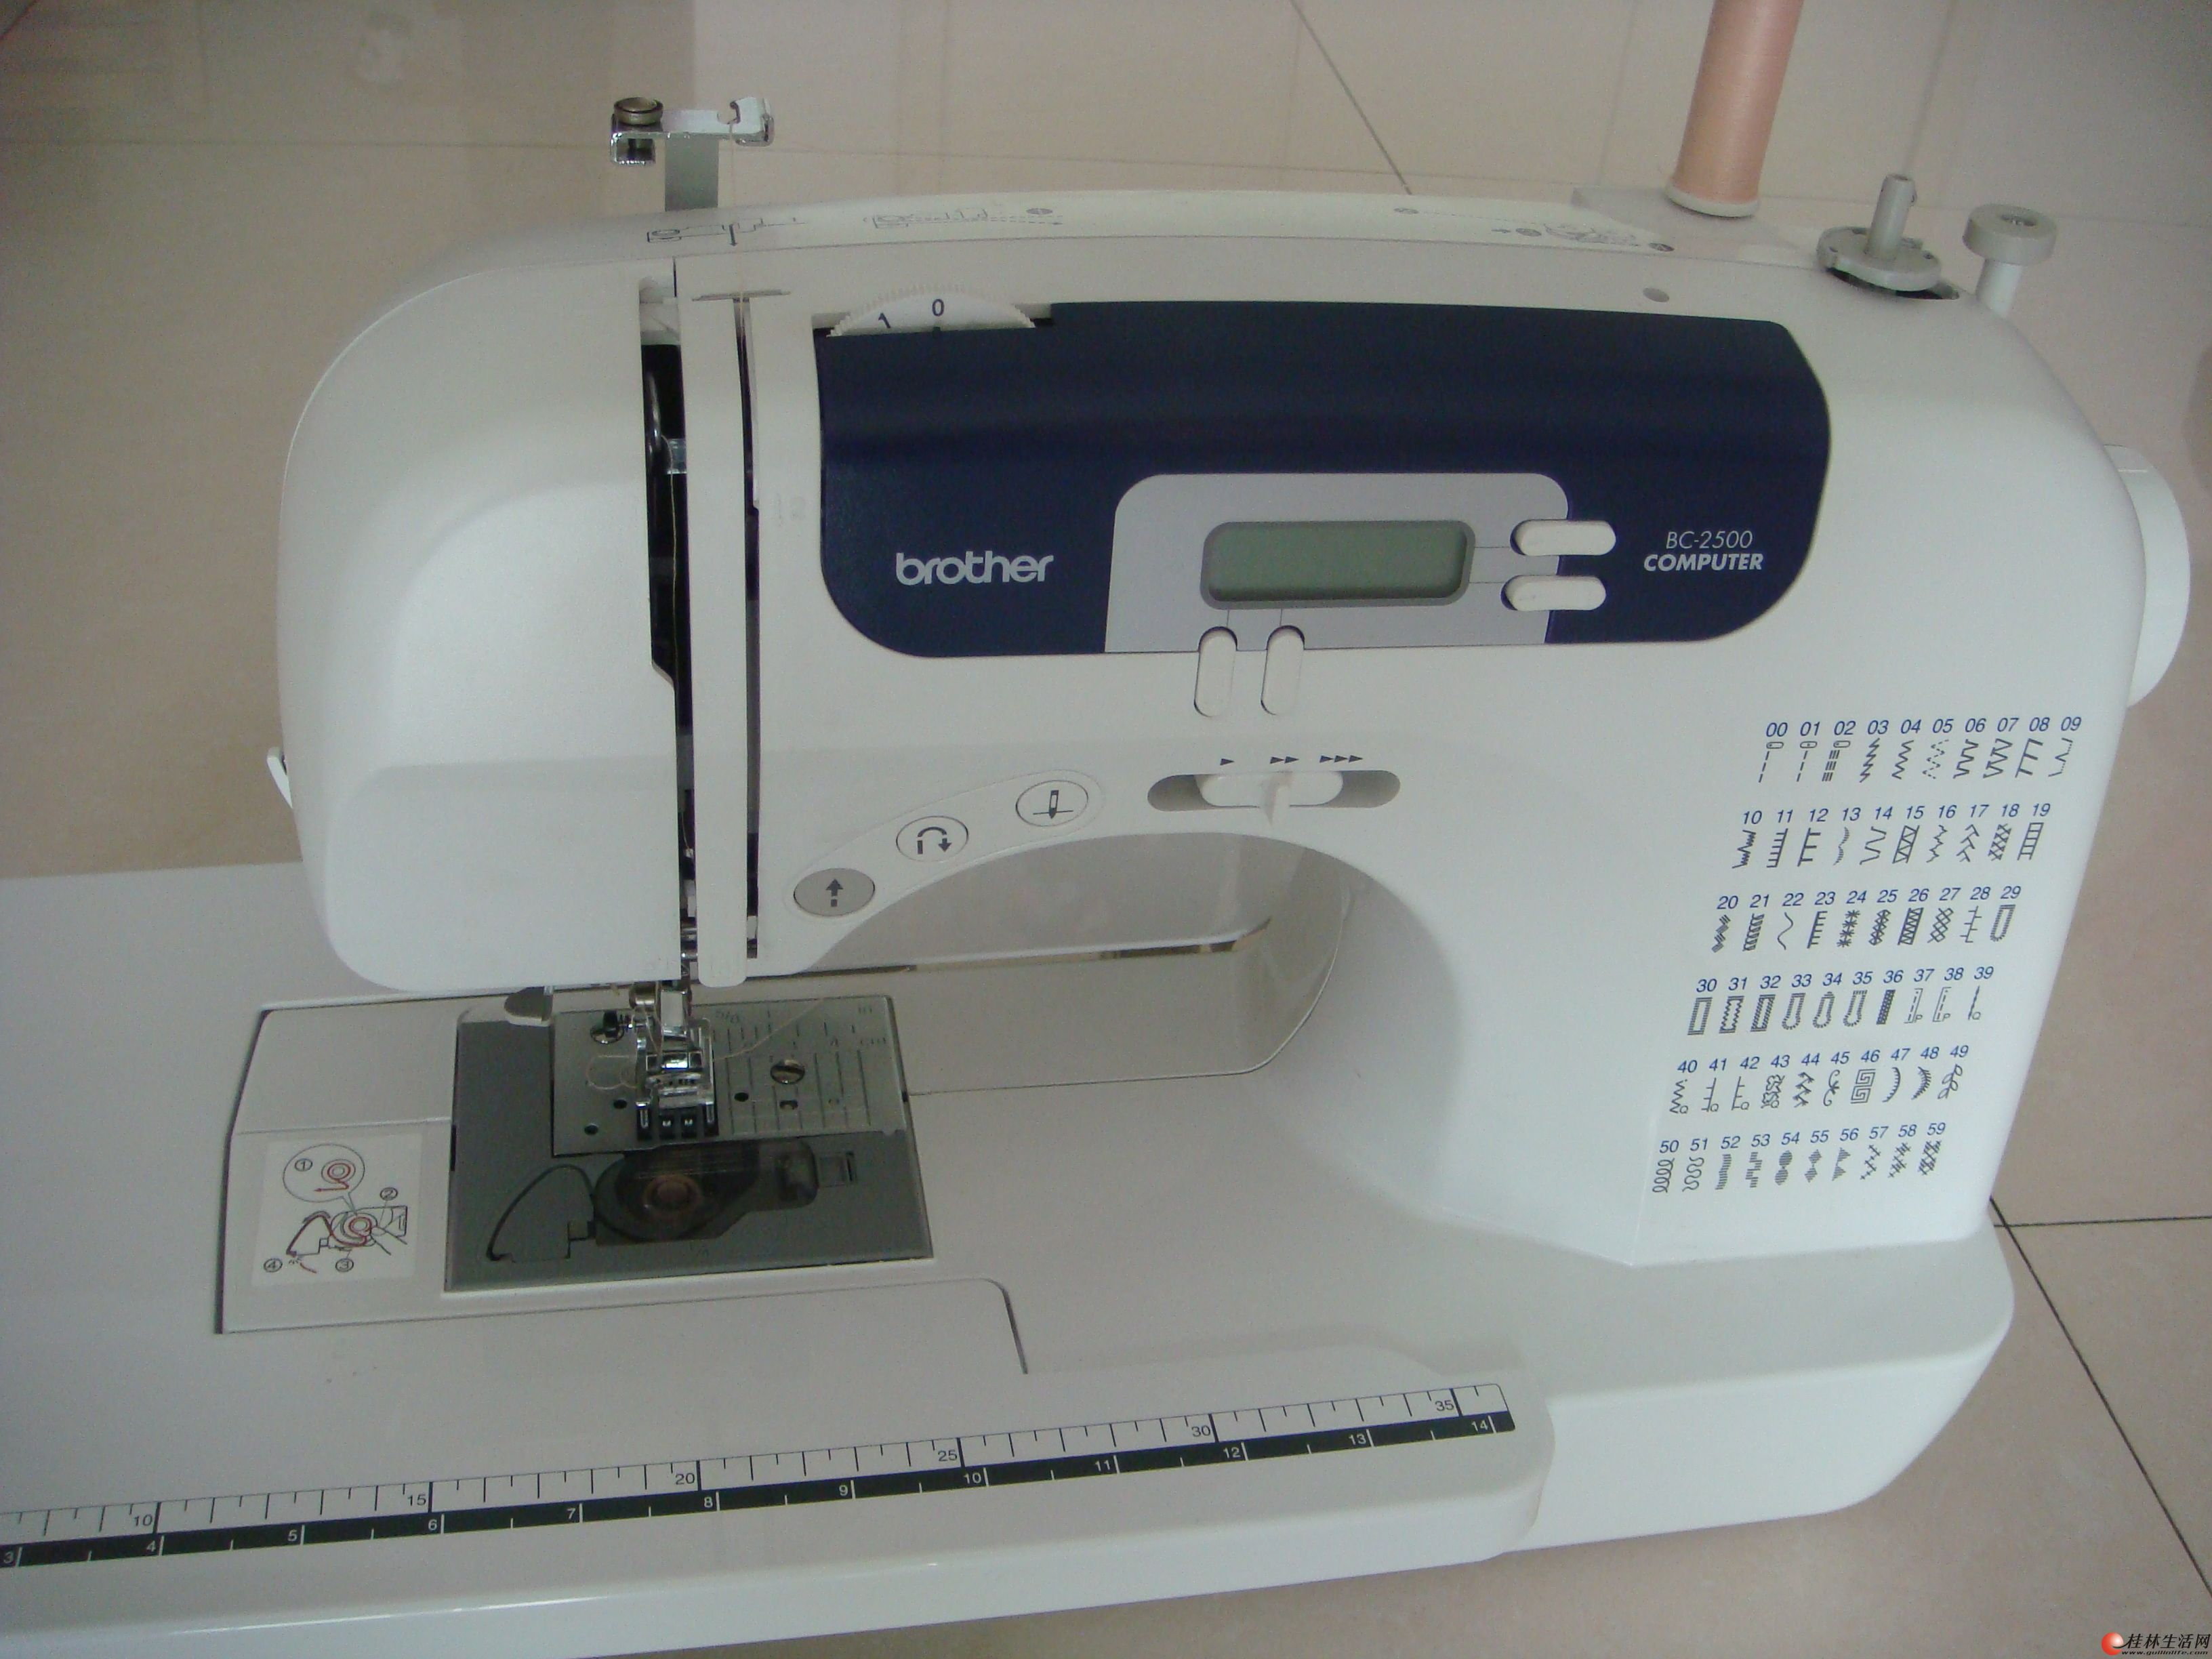 ...缝纫机.兄弟brother家用电动缝纫机xl.兄弟牌缝纫机官方旗舰...